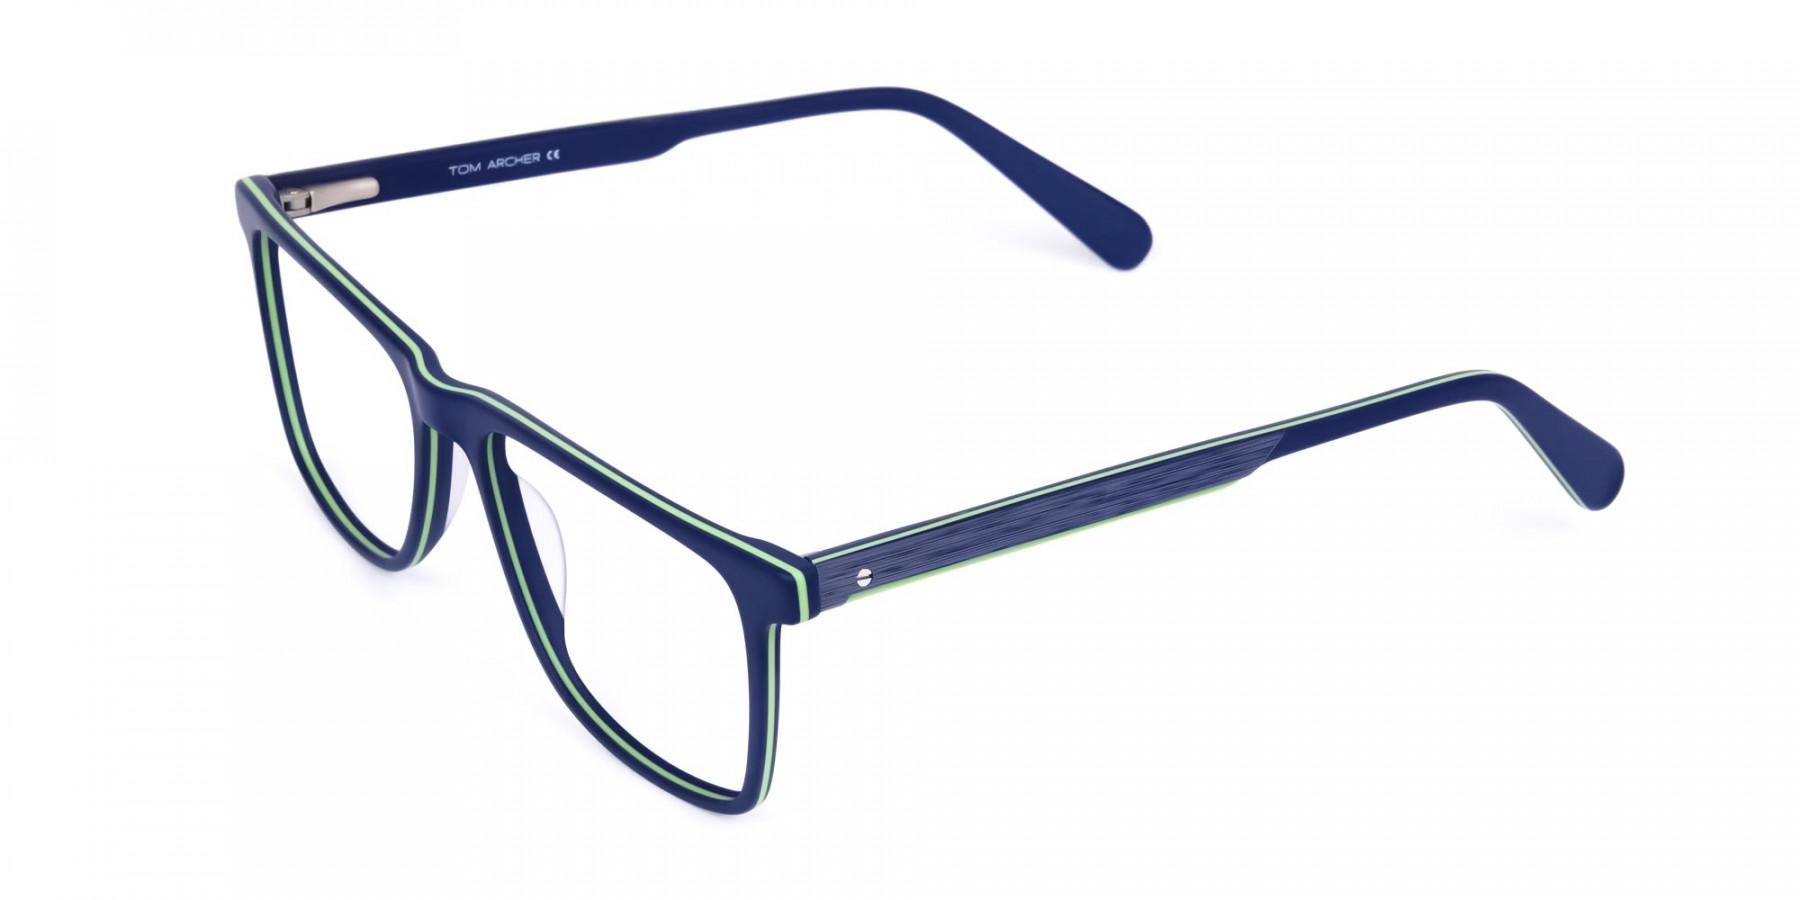 Blue-Green-Rimmed-Rectangular-Glasses-1